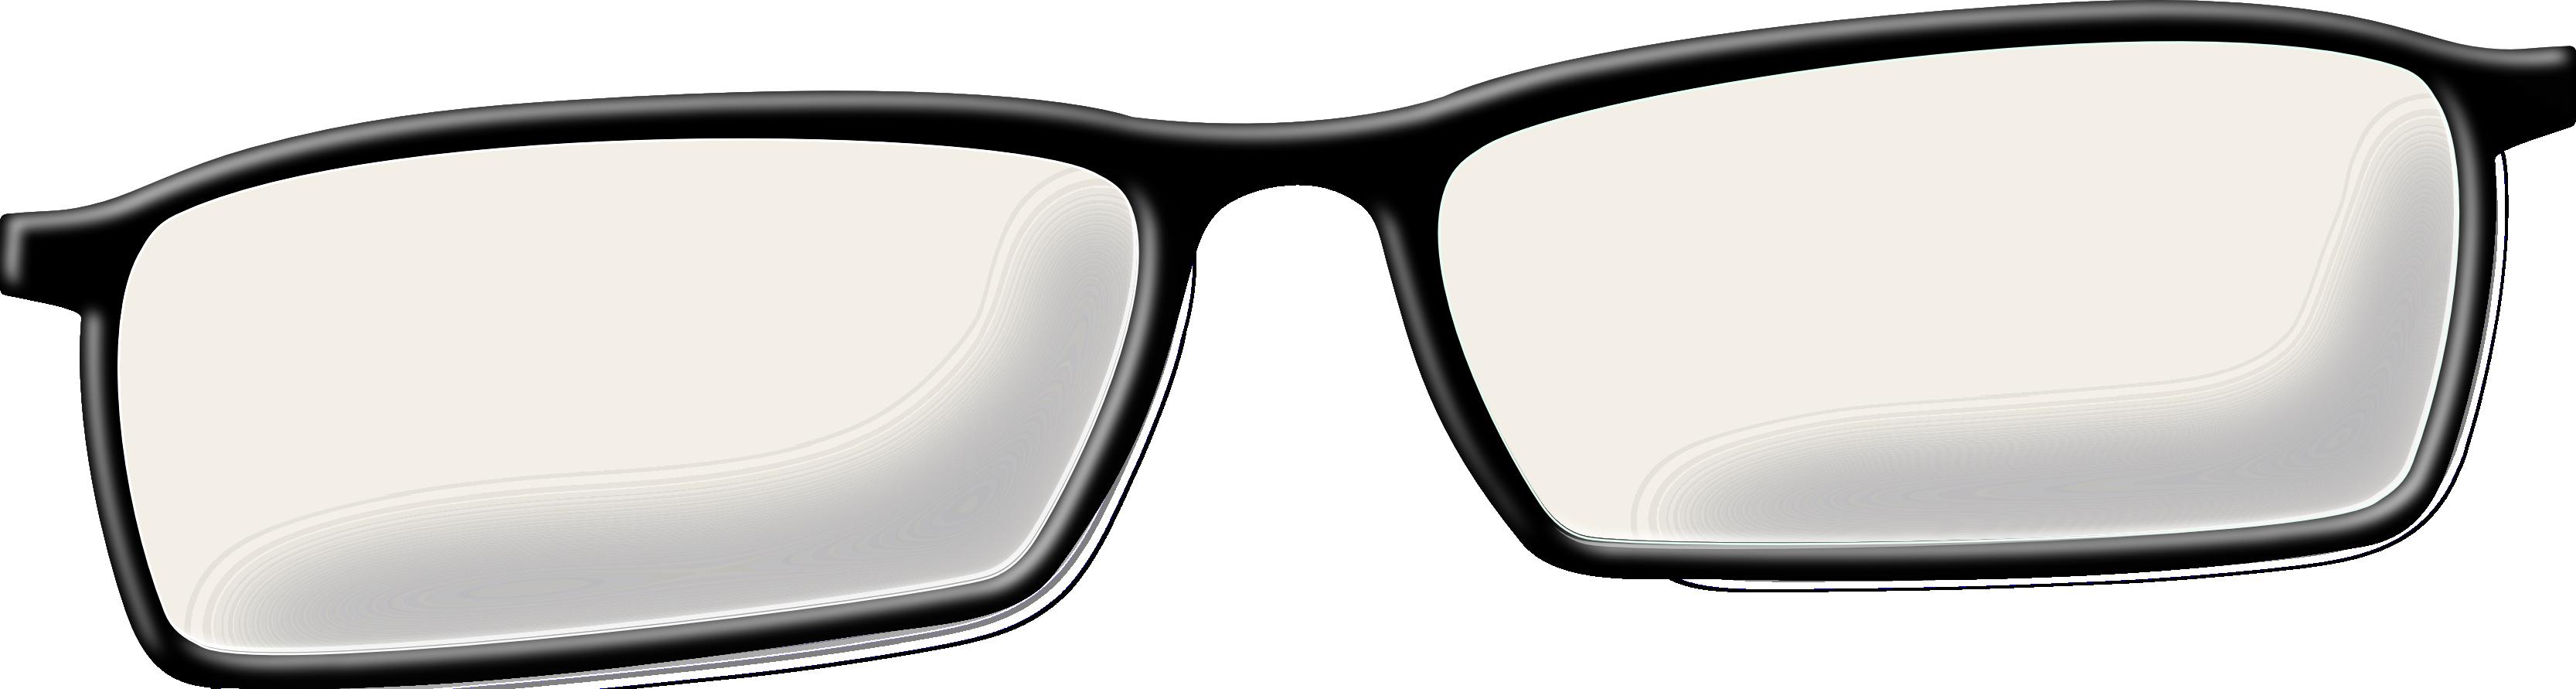 Glasses PNG - 13763